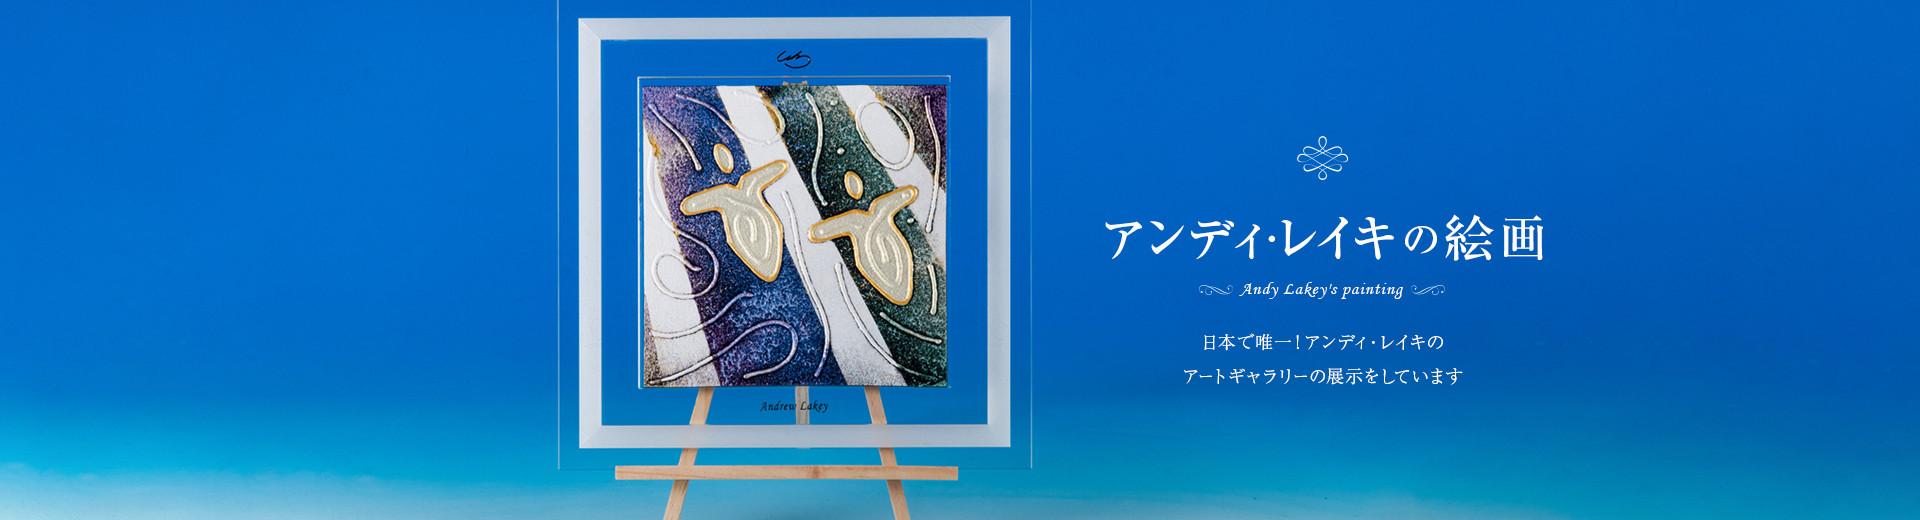 アンディ・レイキの絵画 福岡初!アンディ・レイキのアートギャラリーを展示しています。